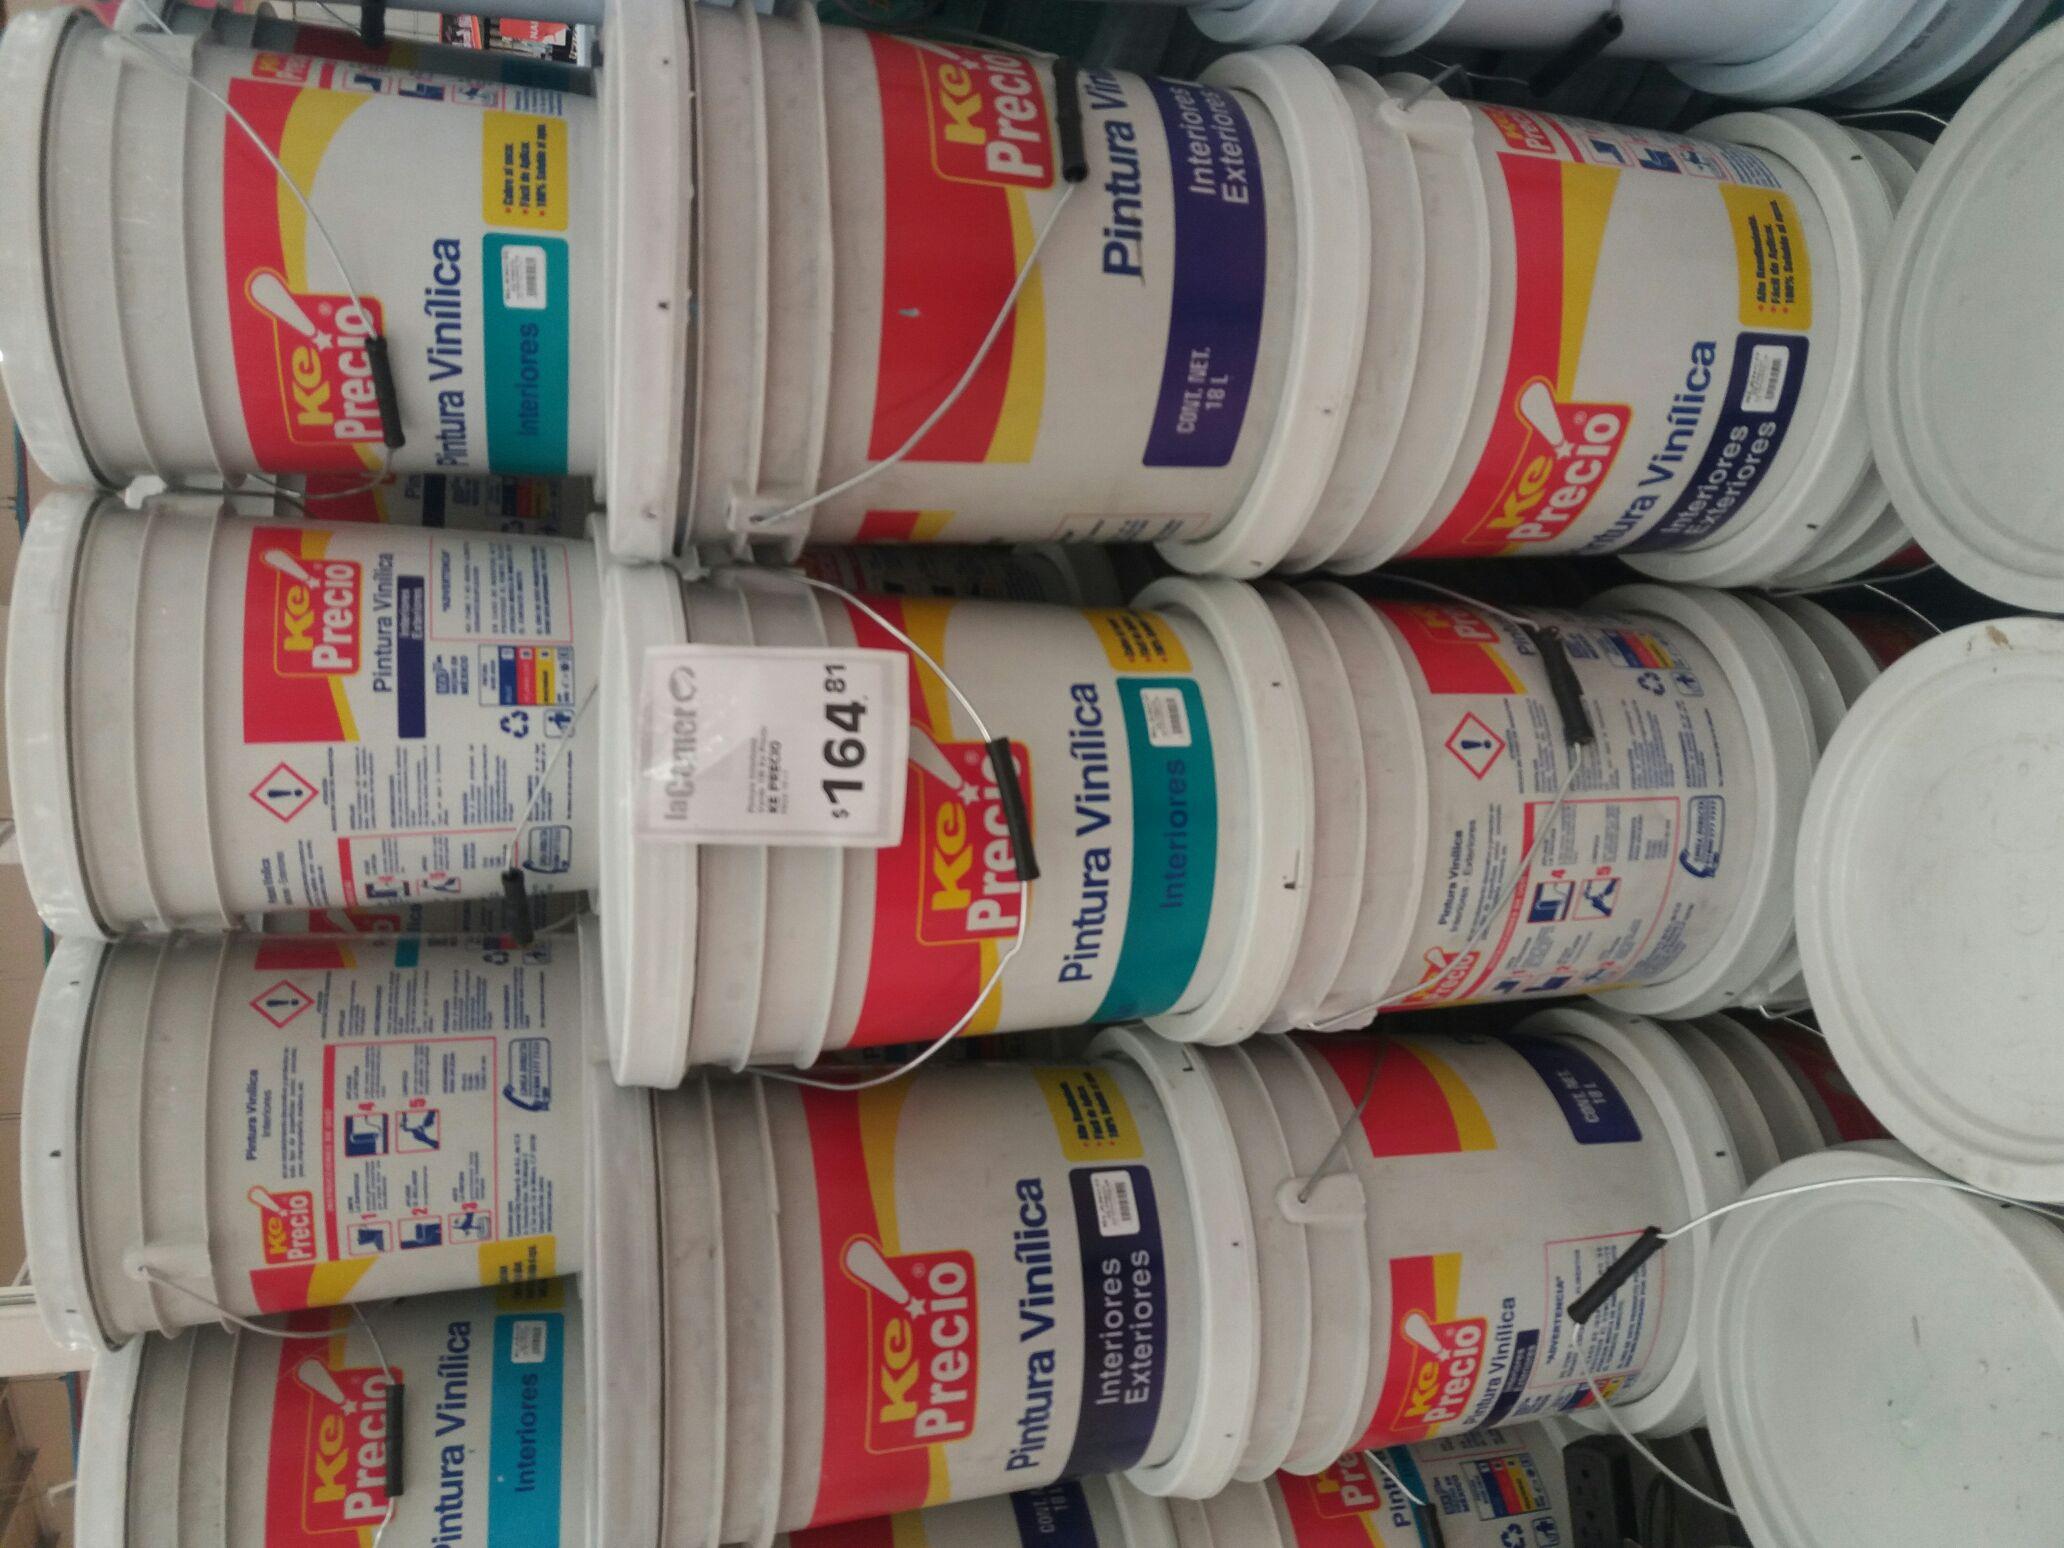 La comer pintura vinilica ke precio con pil n - Pintura bruguer precio ...